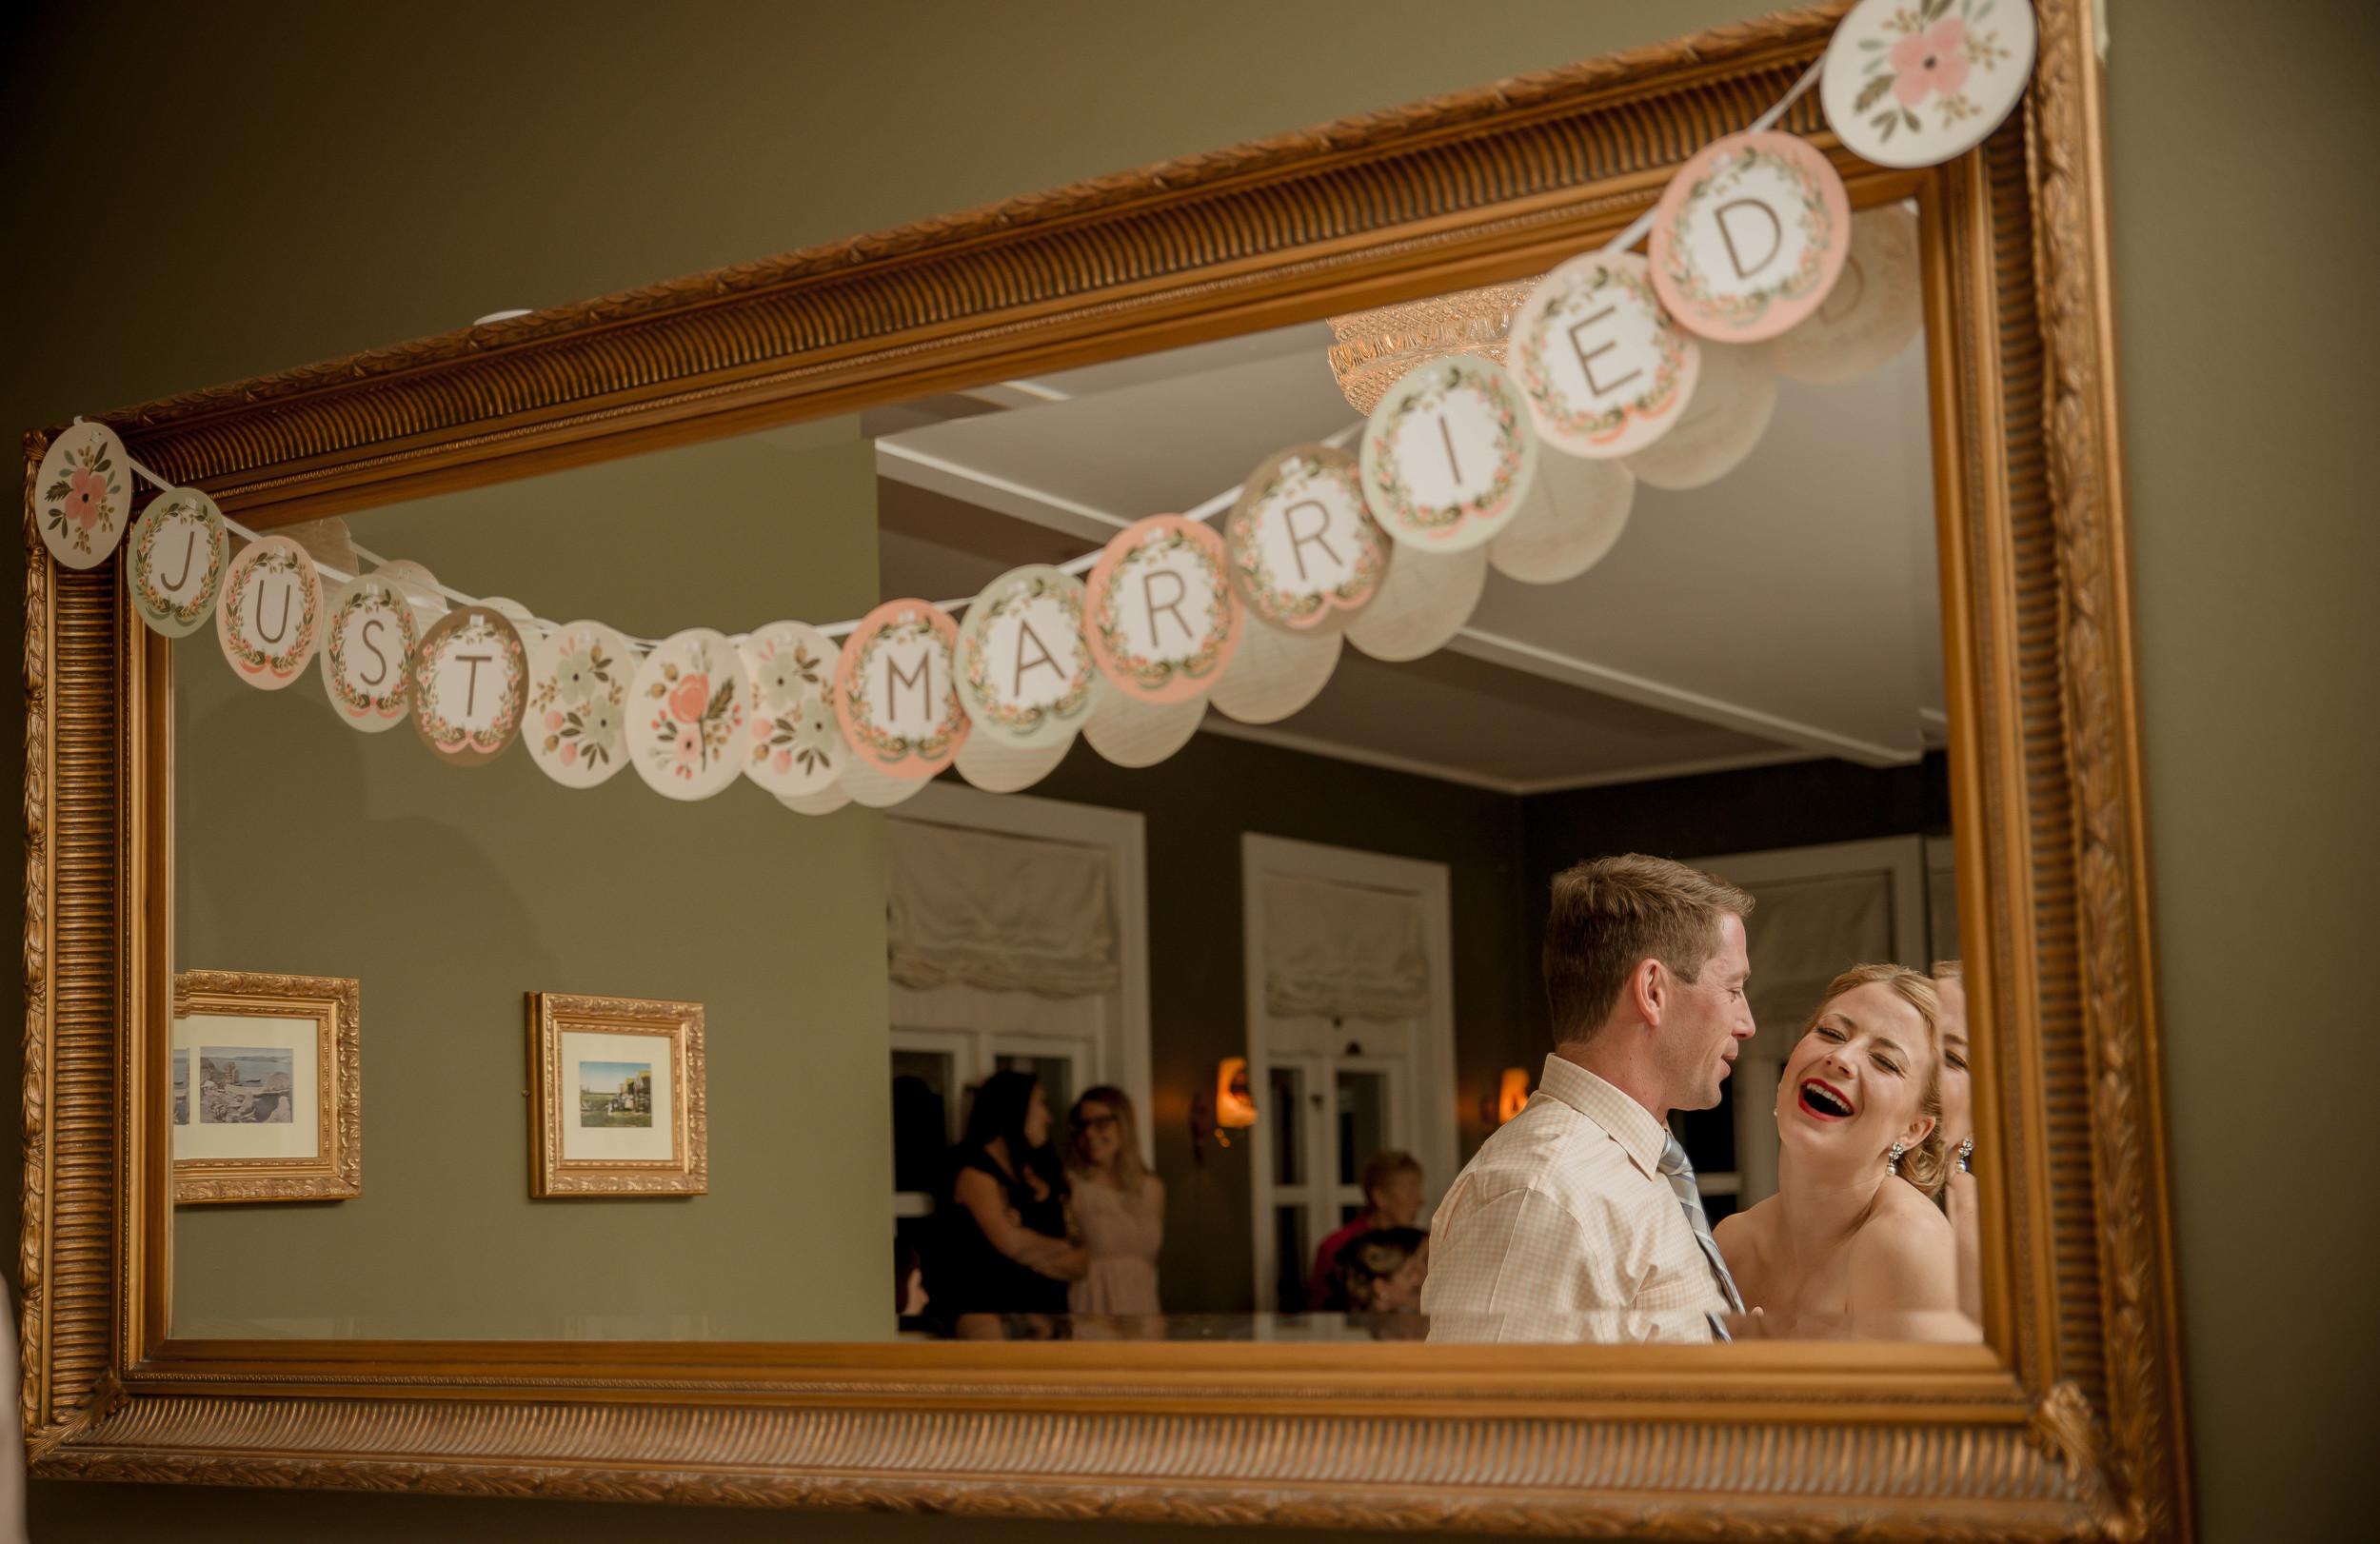 Iceland-Wedding-Photographer-Photos-by-Miss-Ann-60.jpg